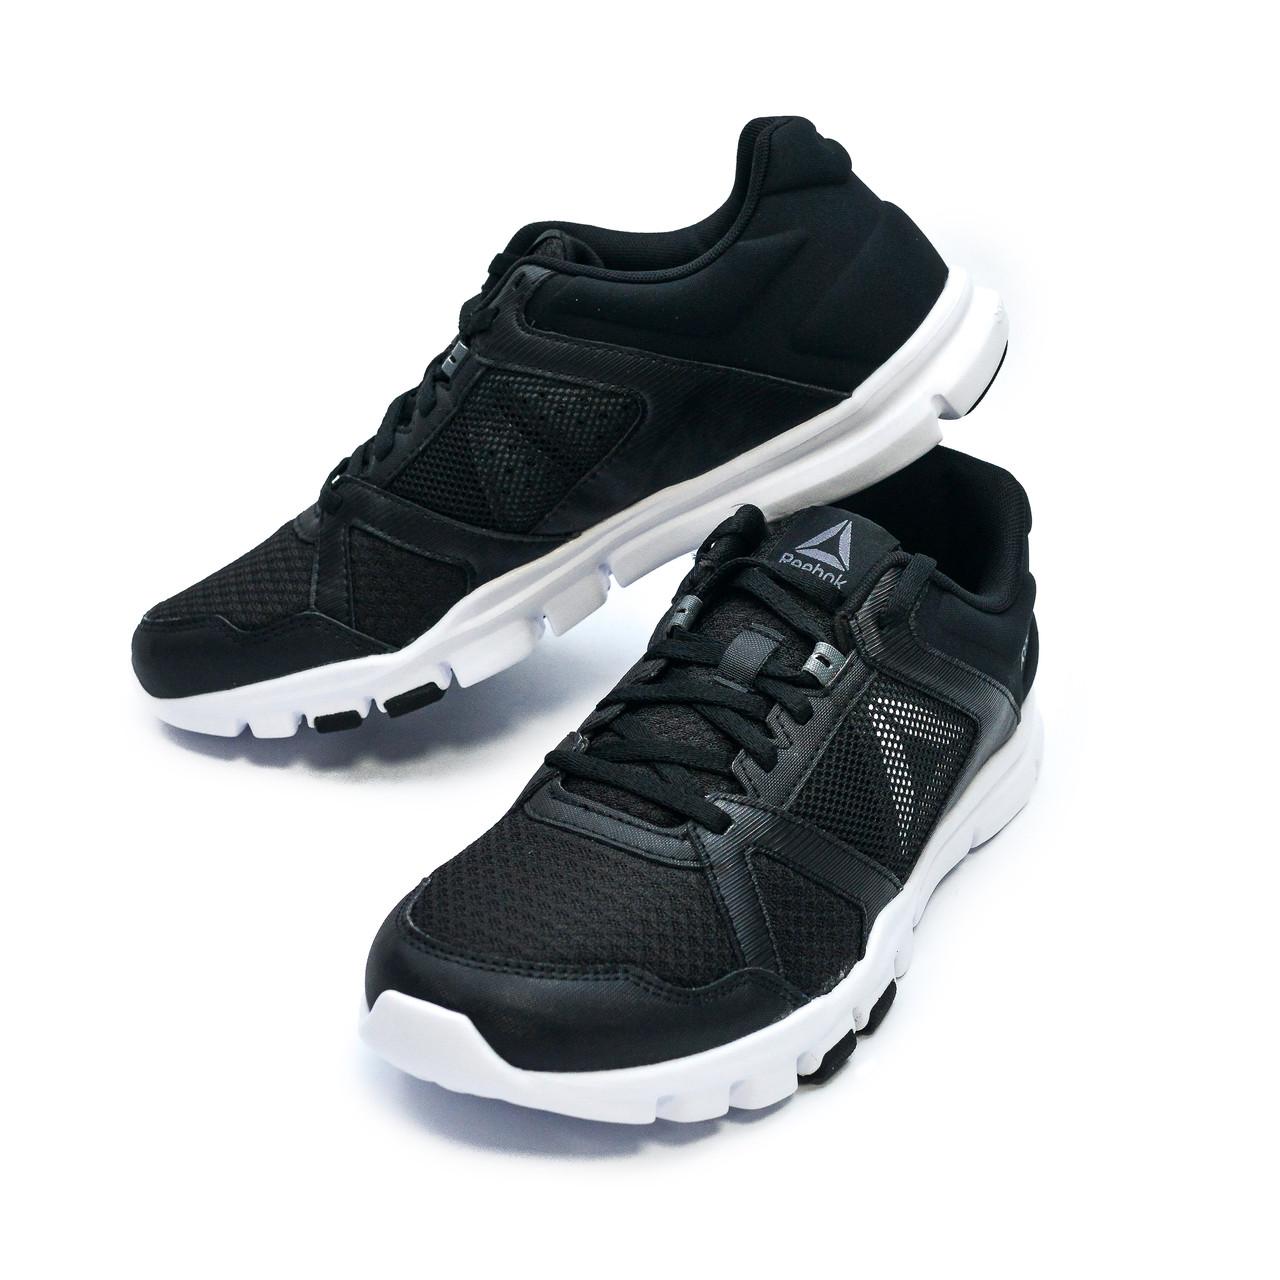 73d21421 Оригинальные мужские кроссовки Reebok Yourflex Train 10 Mt: продажа ...